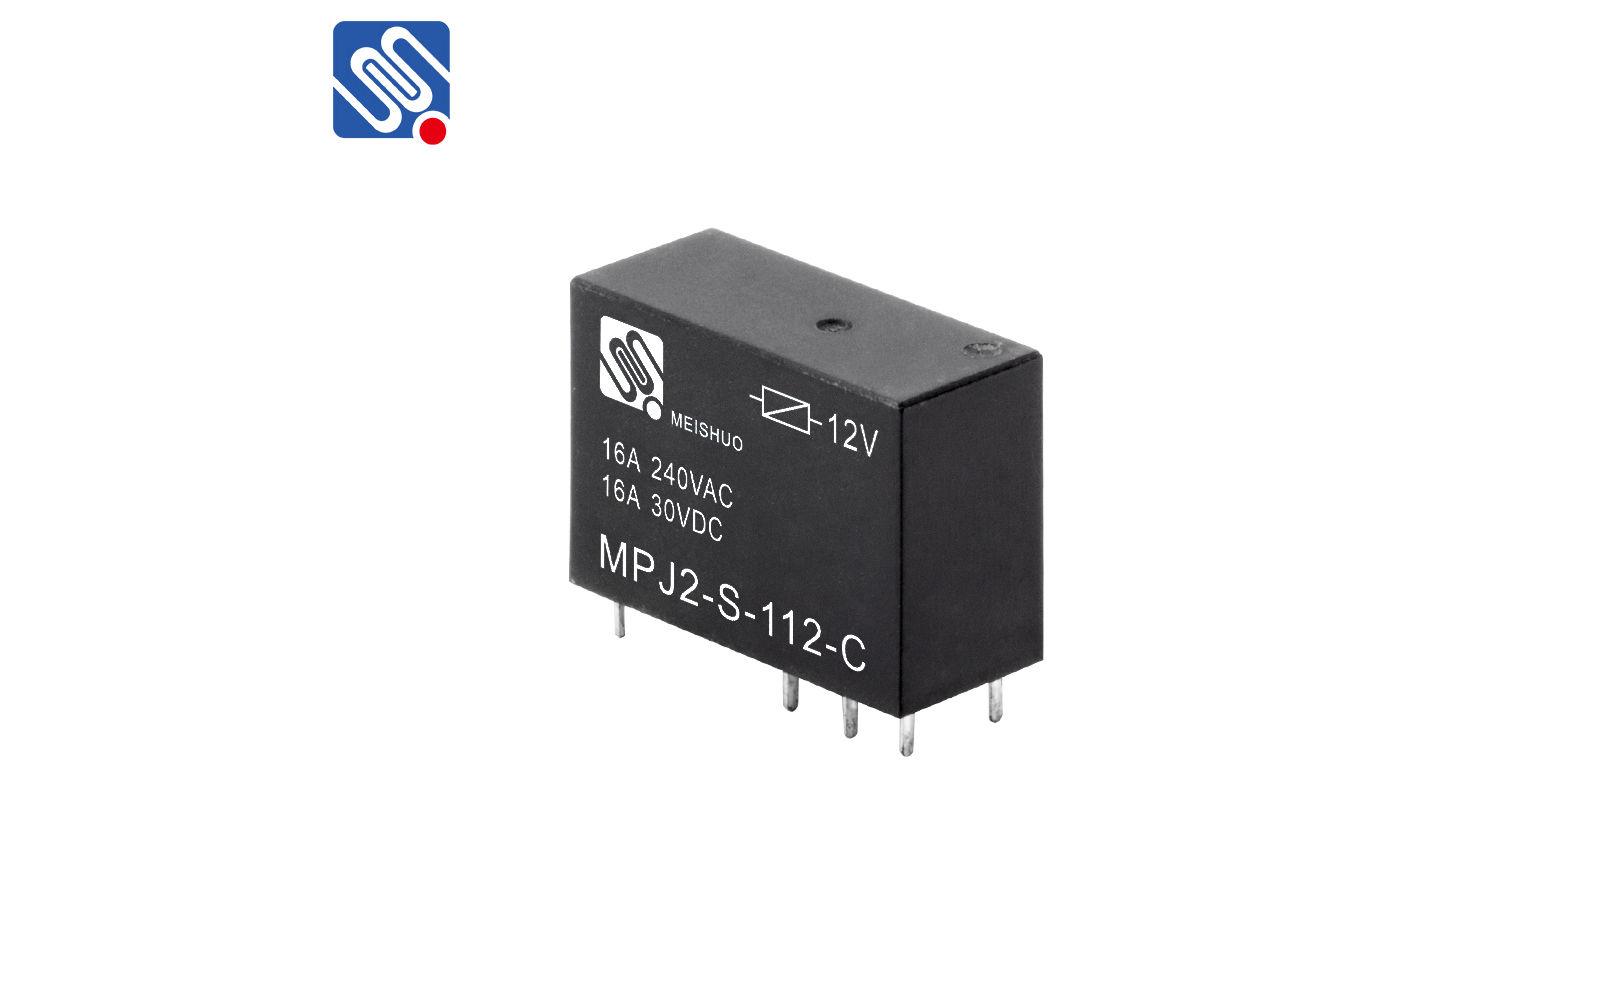 5 pin 12 volt relay wiring MPJ2-S-112-C_meishuoen